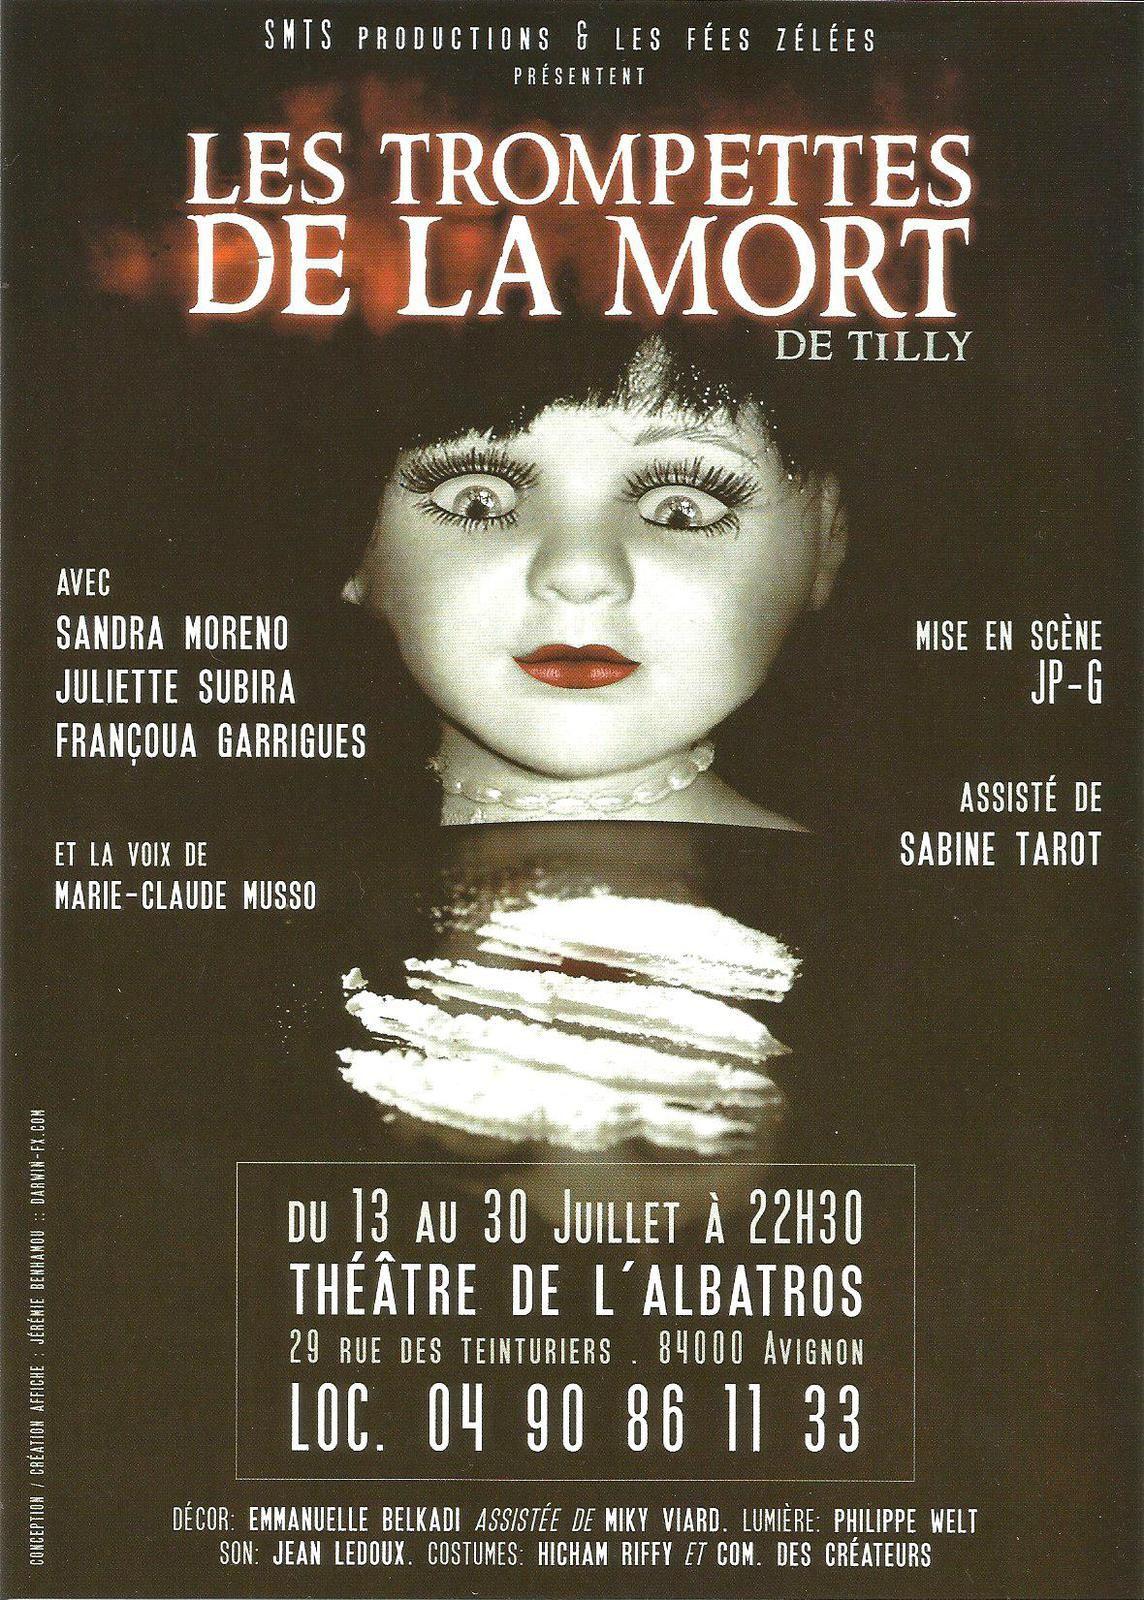 LES TROMPETTES DE LA MORT - SMTS Productions et Les Fées Zélées